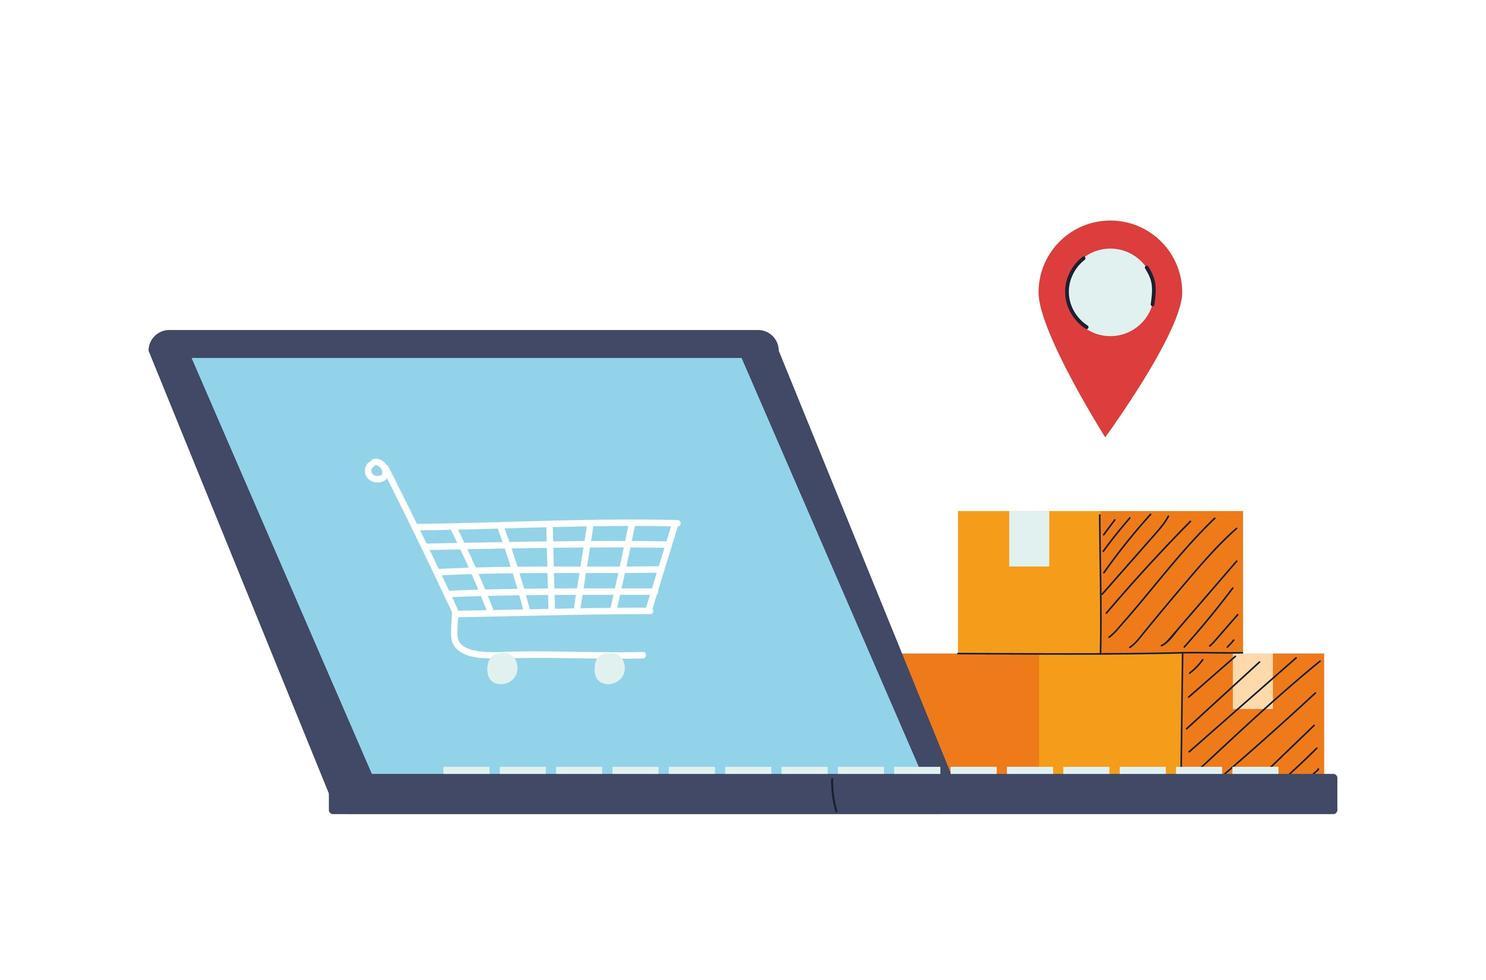 ubicación de mercancías y paquetes ilustración vectorial vector